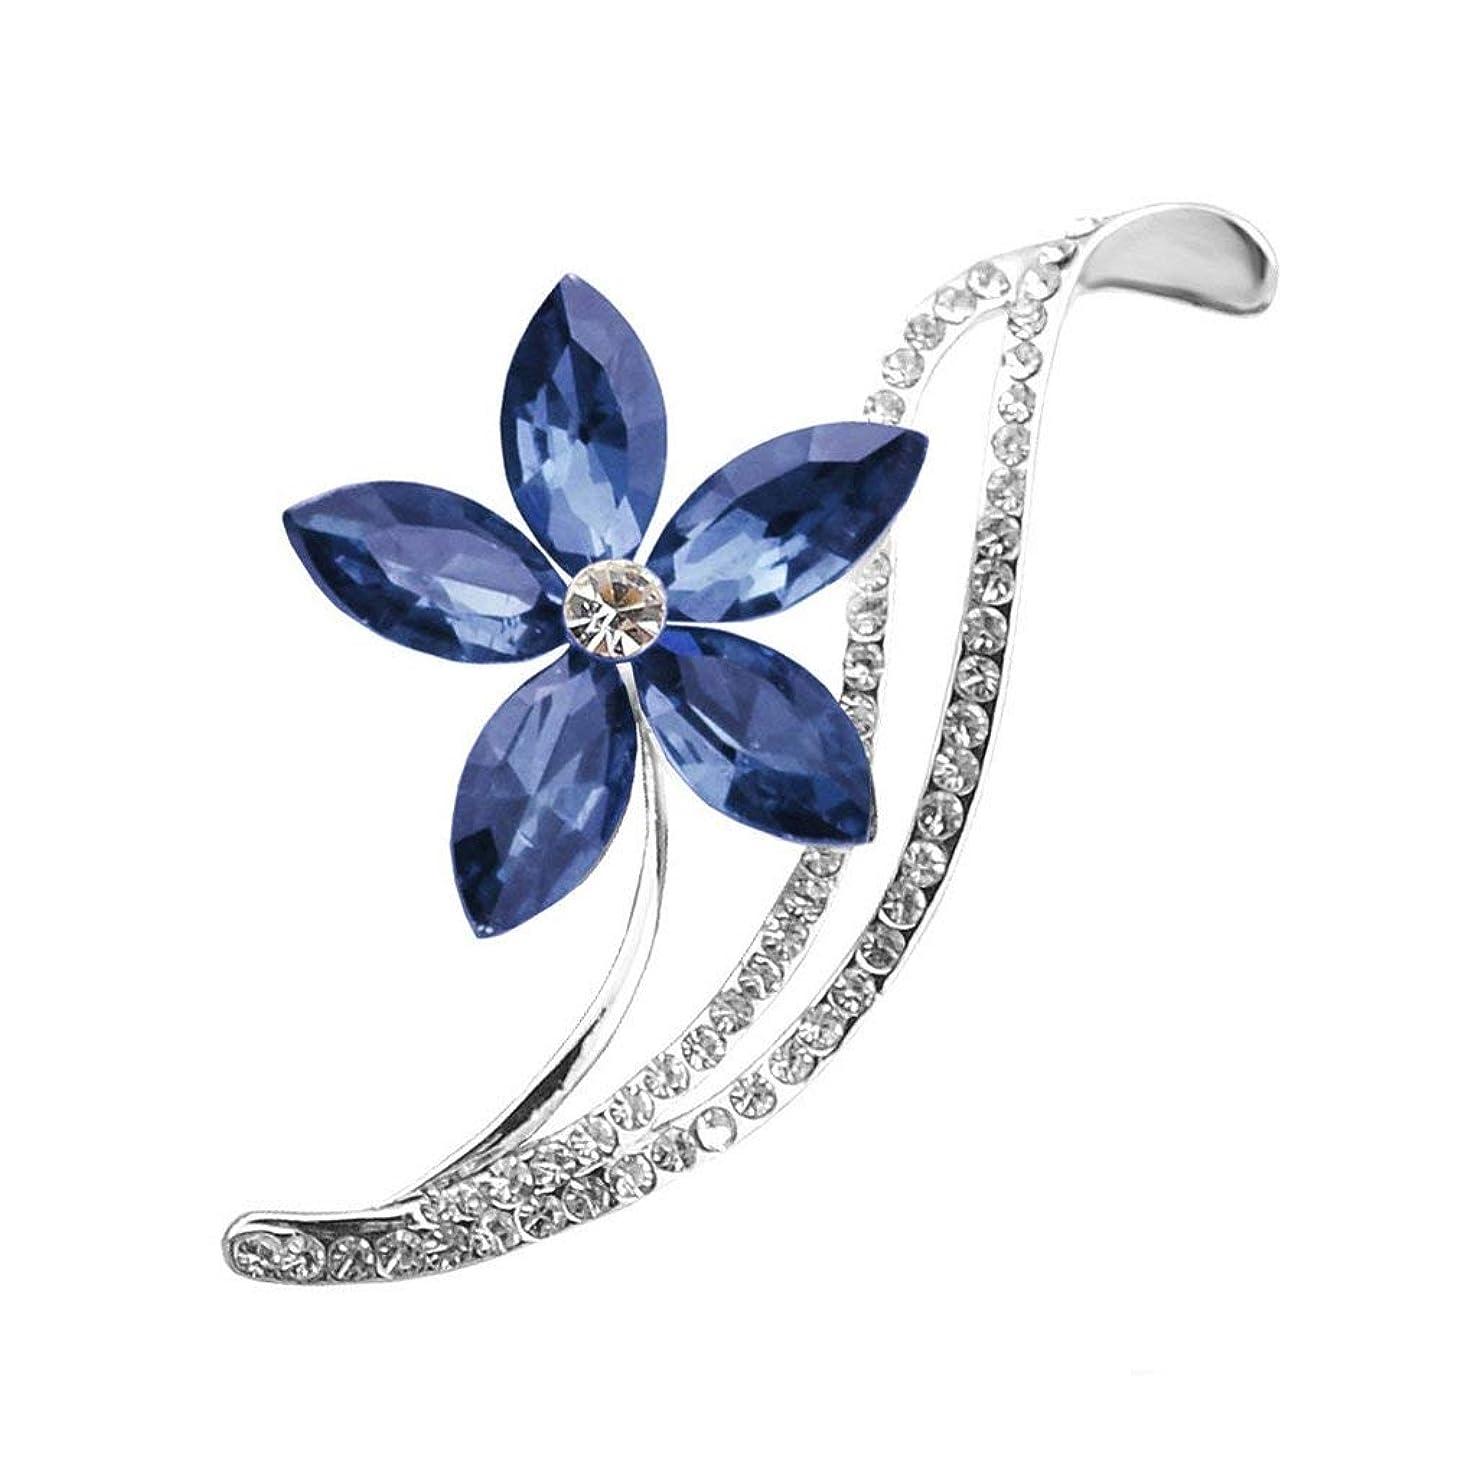 潜在的な突然組Honel ブローチ 胸飾り 五葉花 クリスタル レディース バッジ 人気アクセサリー(ブルー)